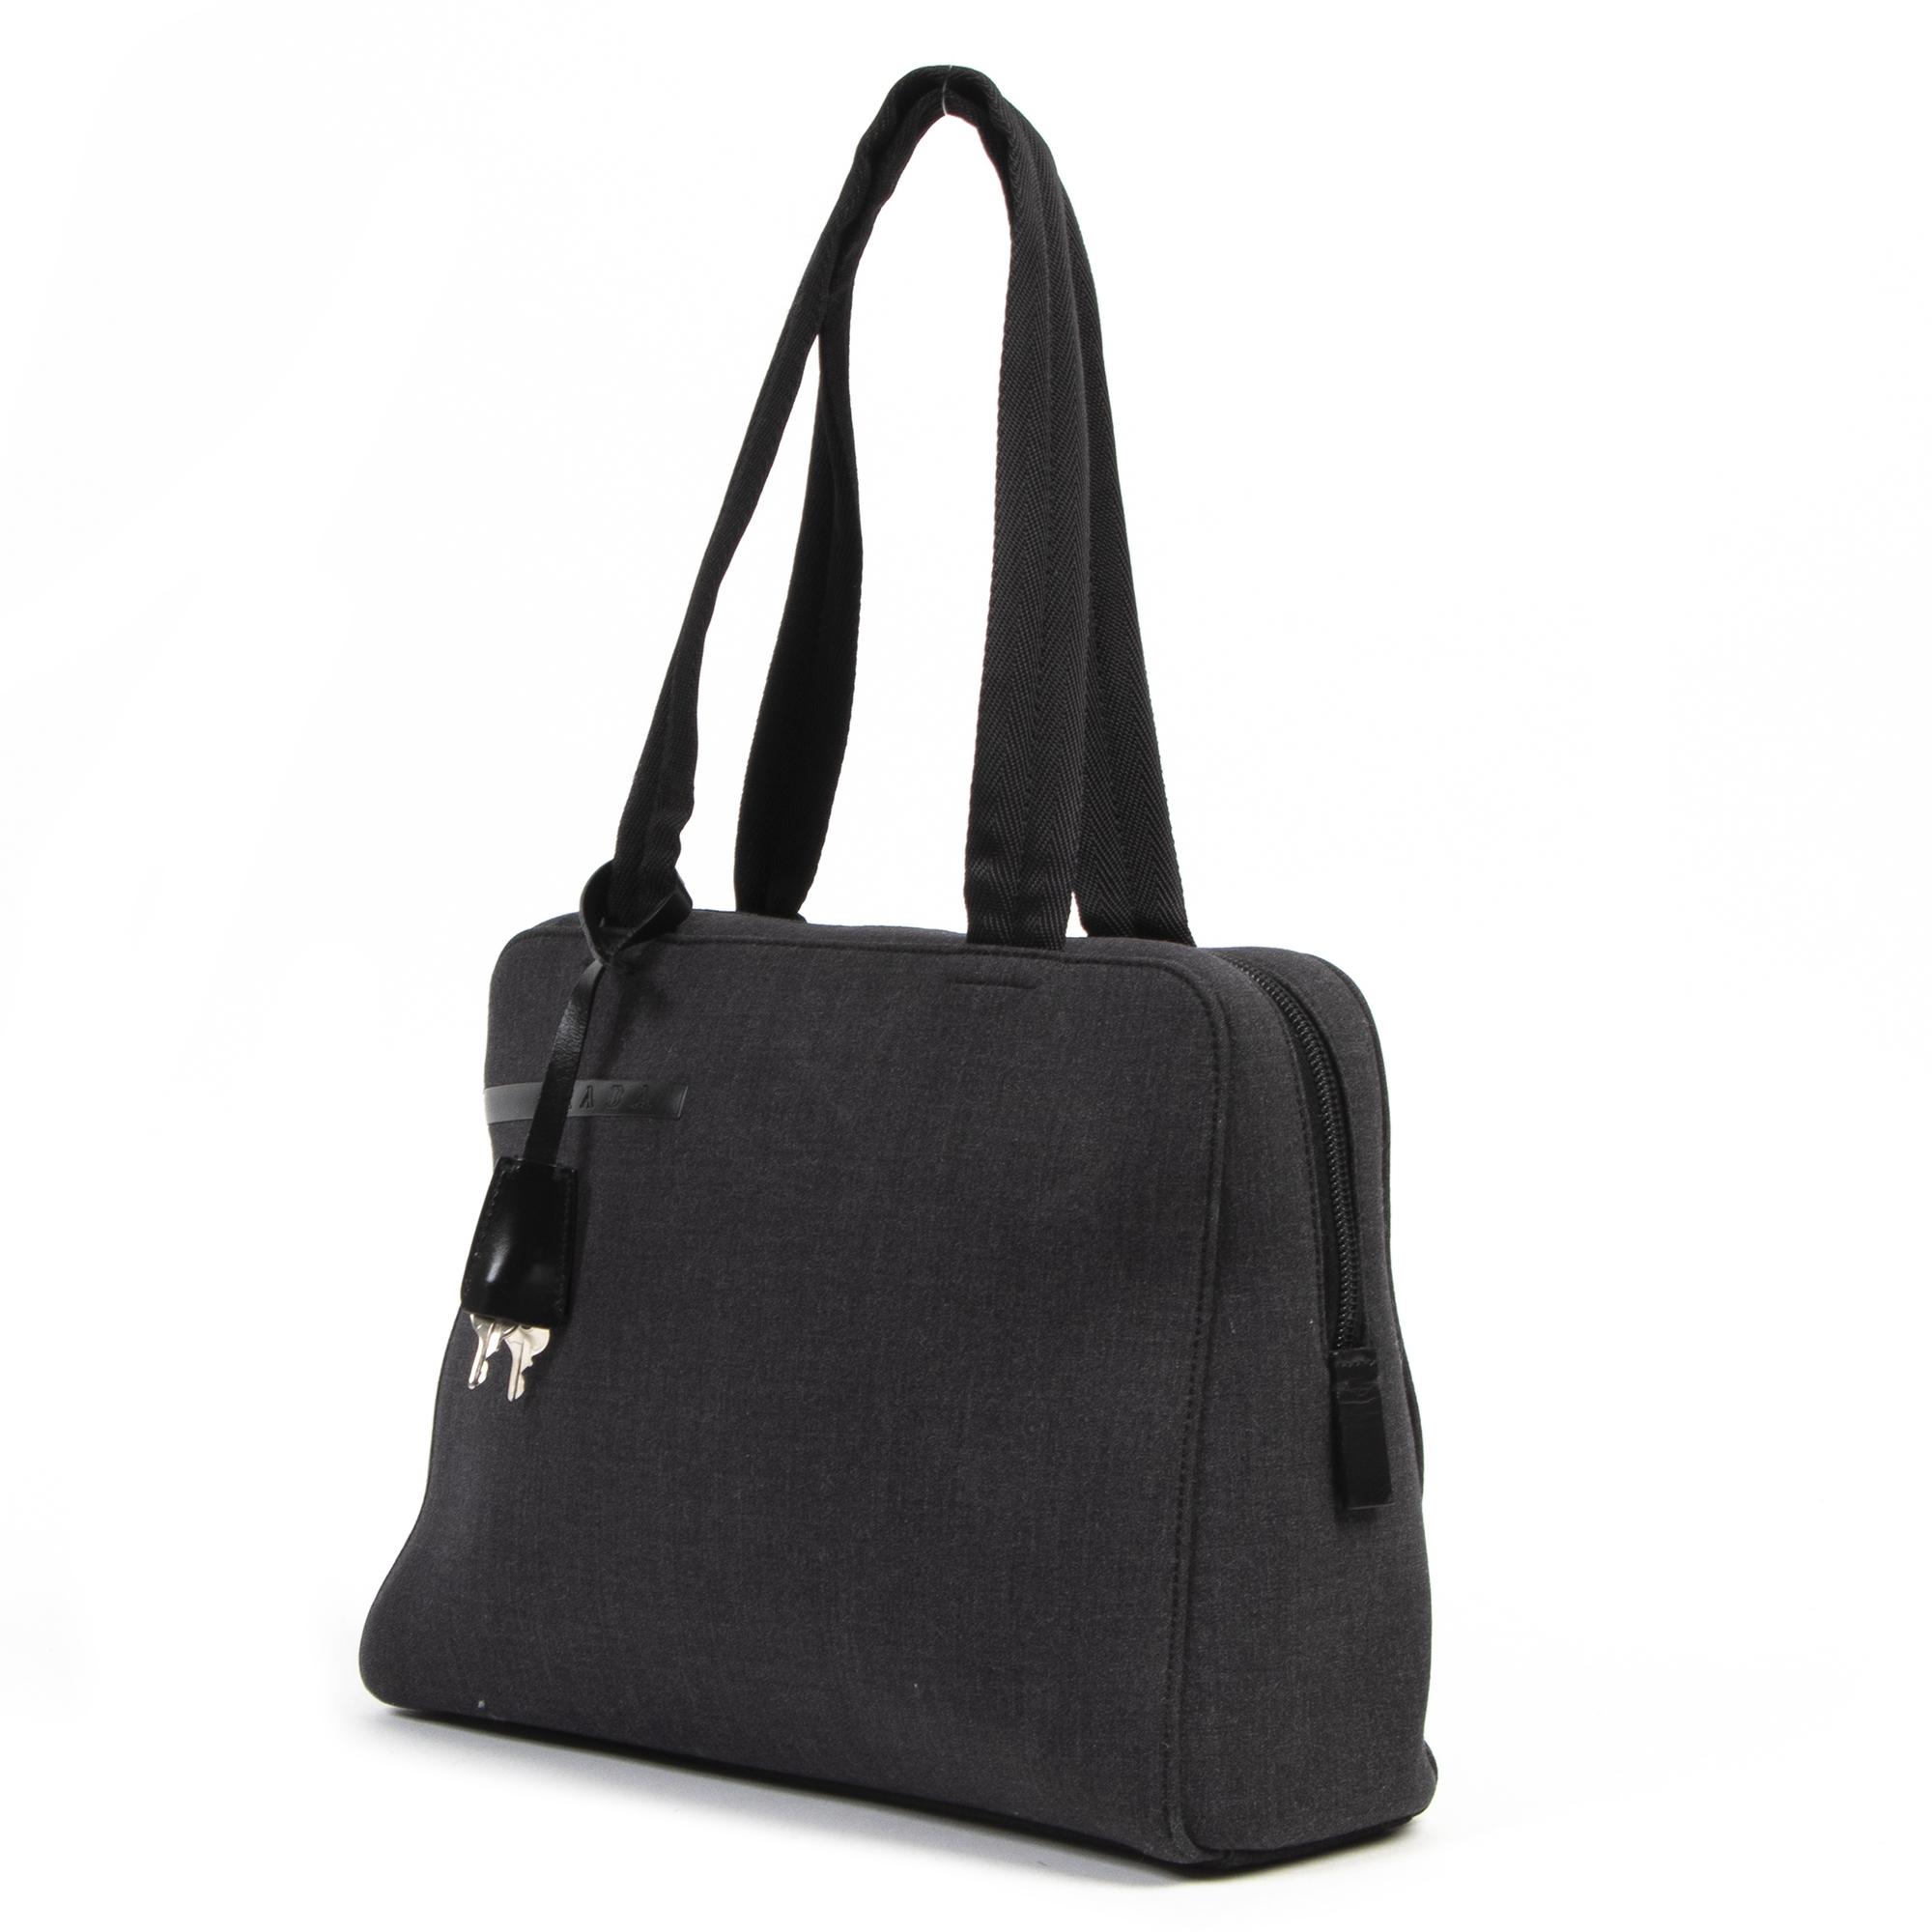 Prada Graphite Fabric Small Tote Bag kopen en verkopen aan de beste prijs bij Labellov